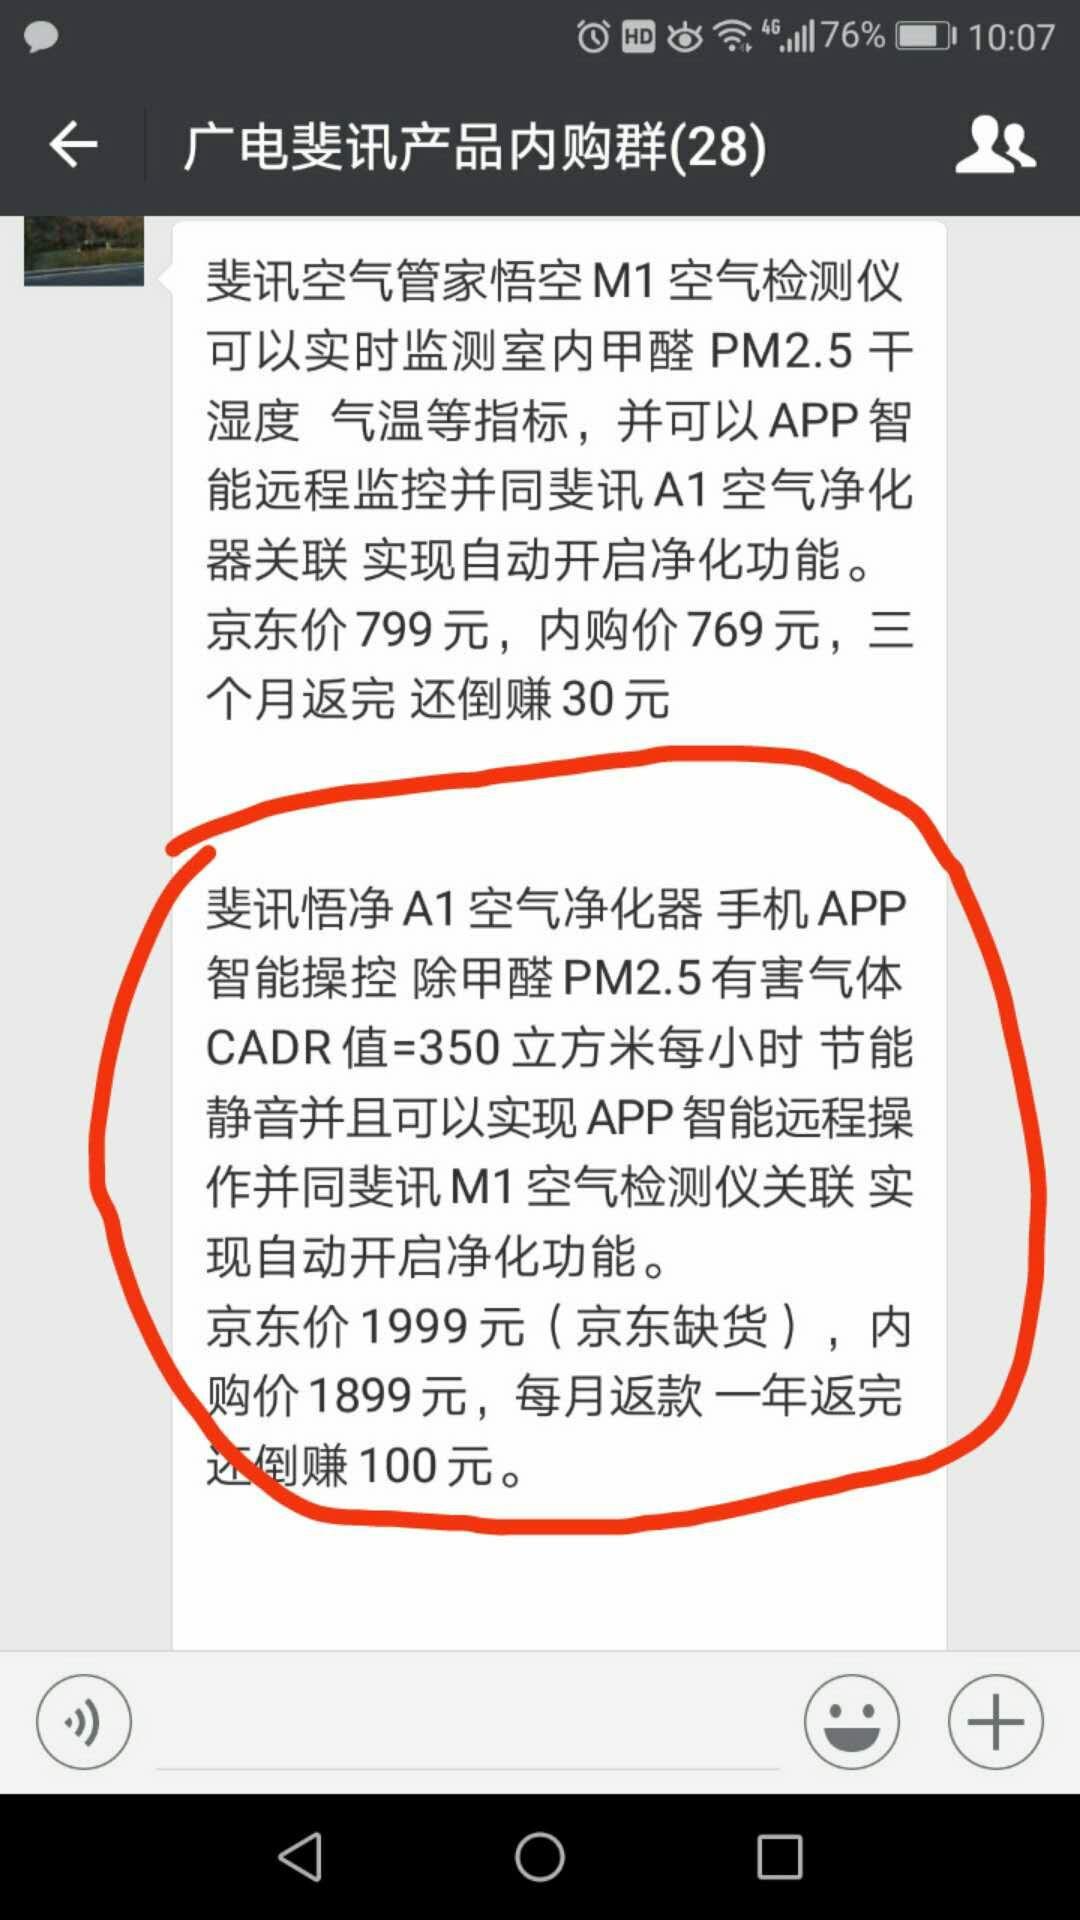 【四川省消费者维权中心】田女士投诉四川广电网络成都